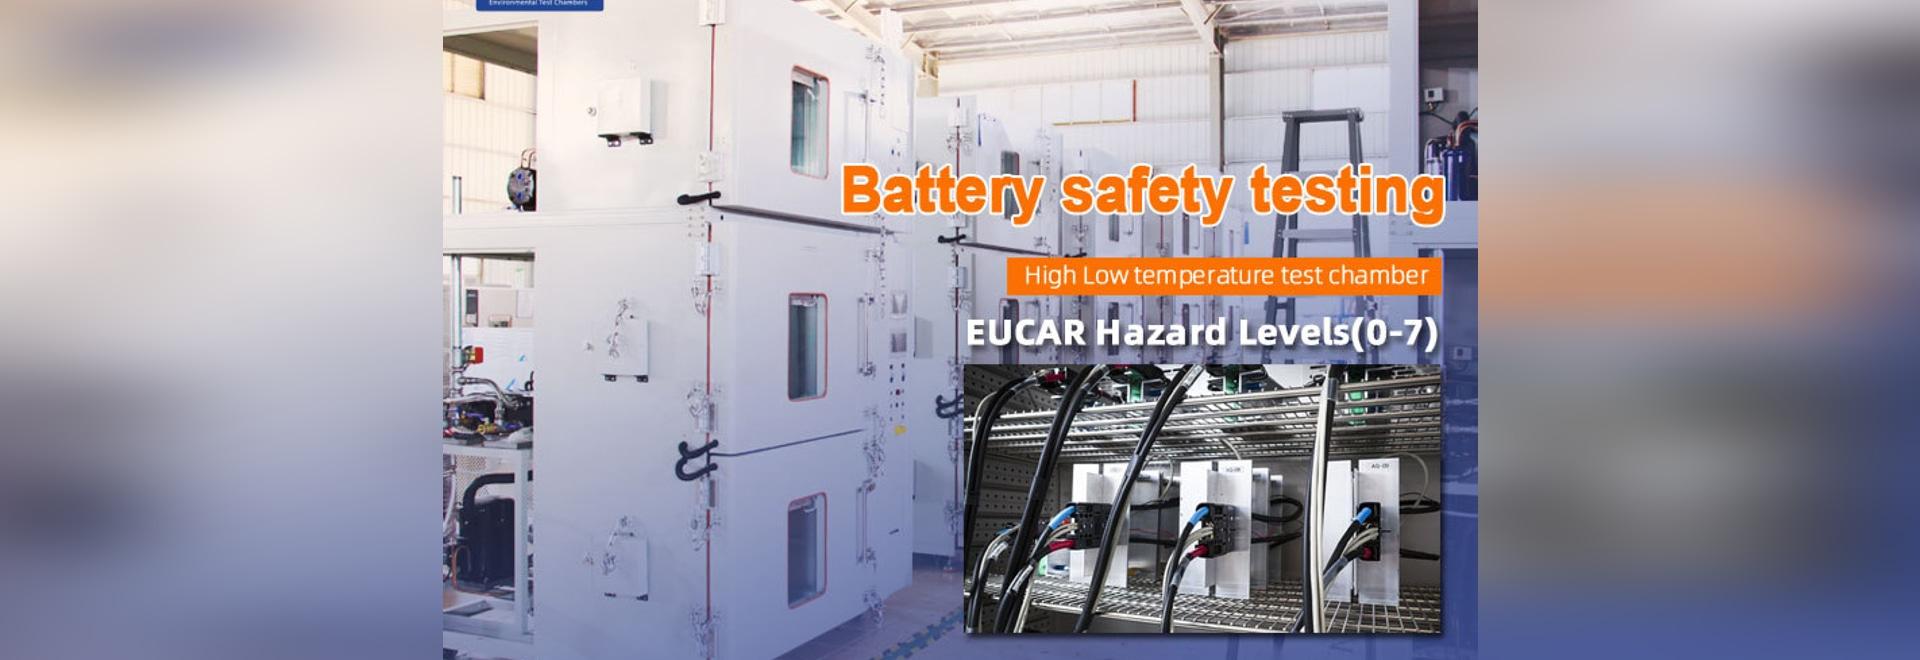 Chambre d'essai à trois couches à haute et basse température pour tester la sécurité des batteries